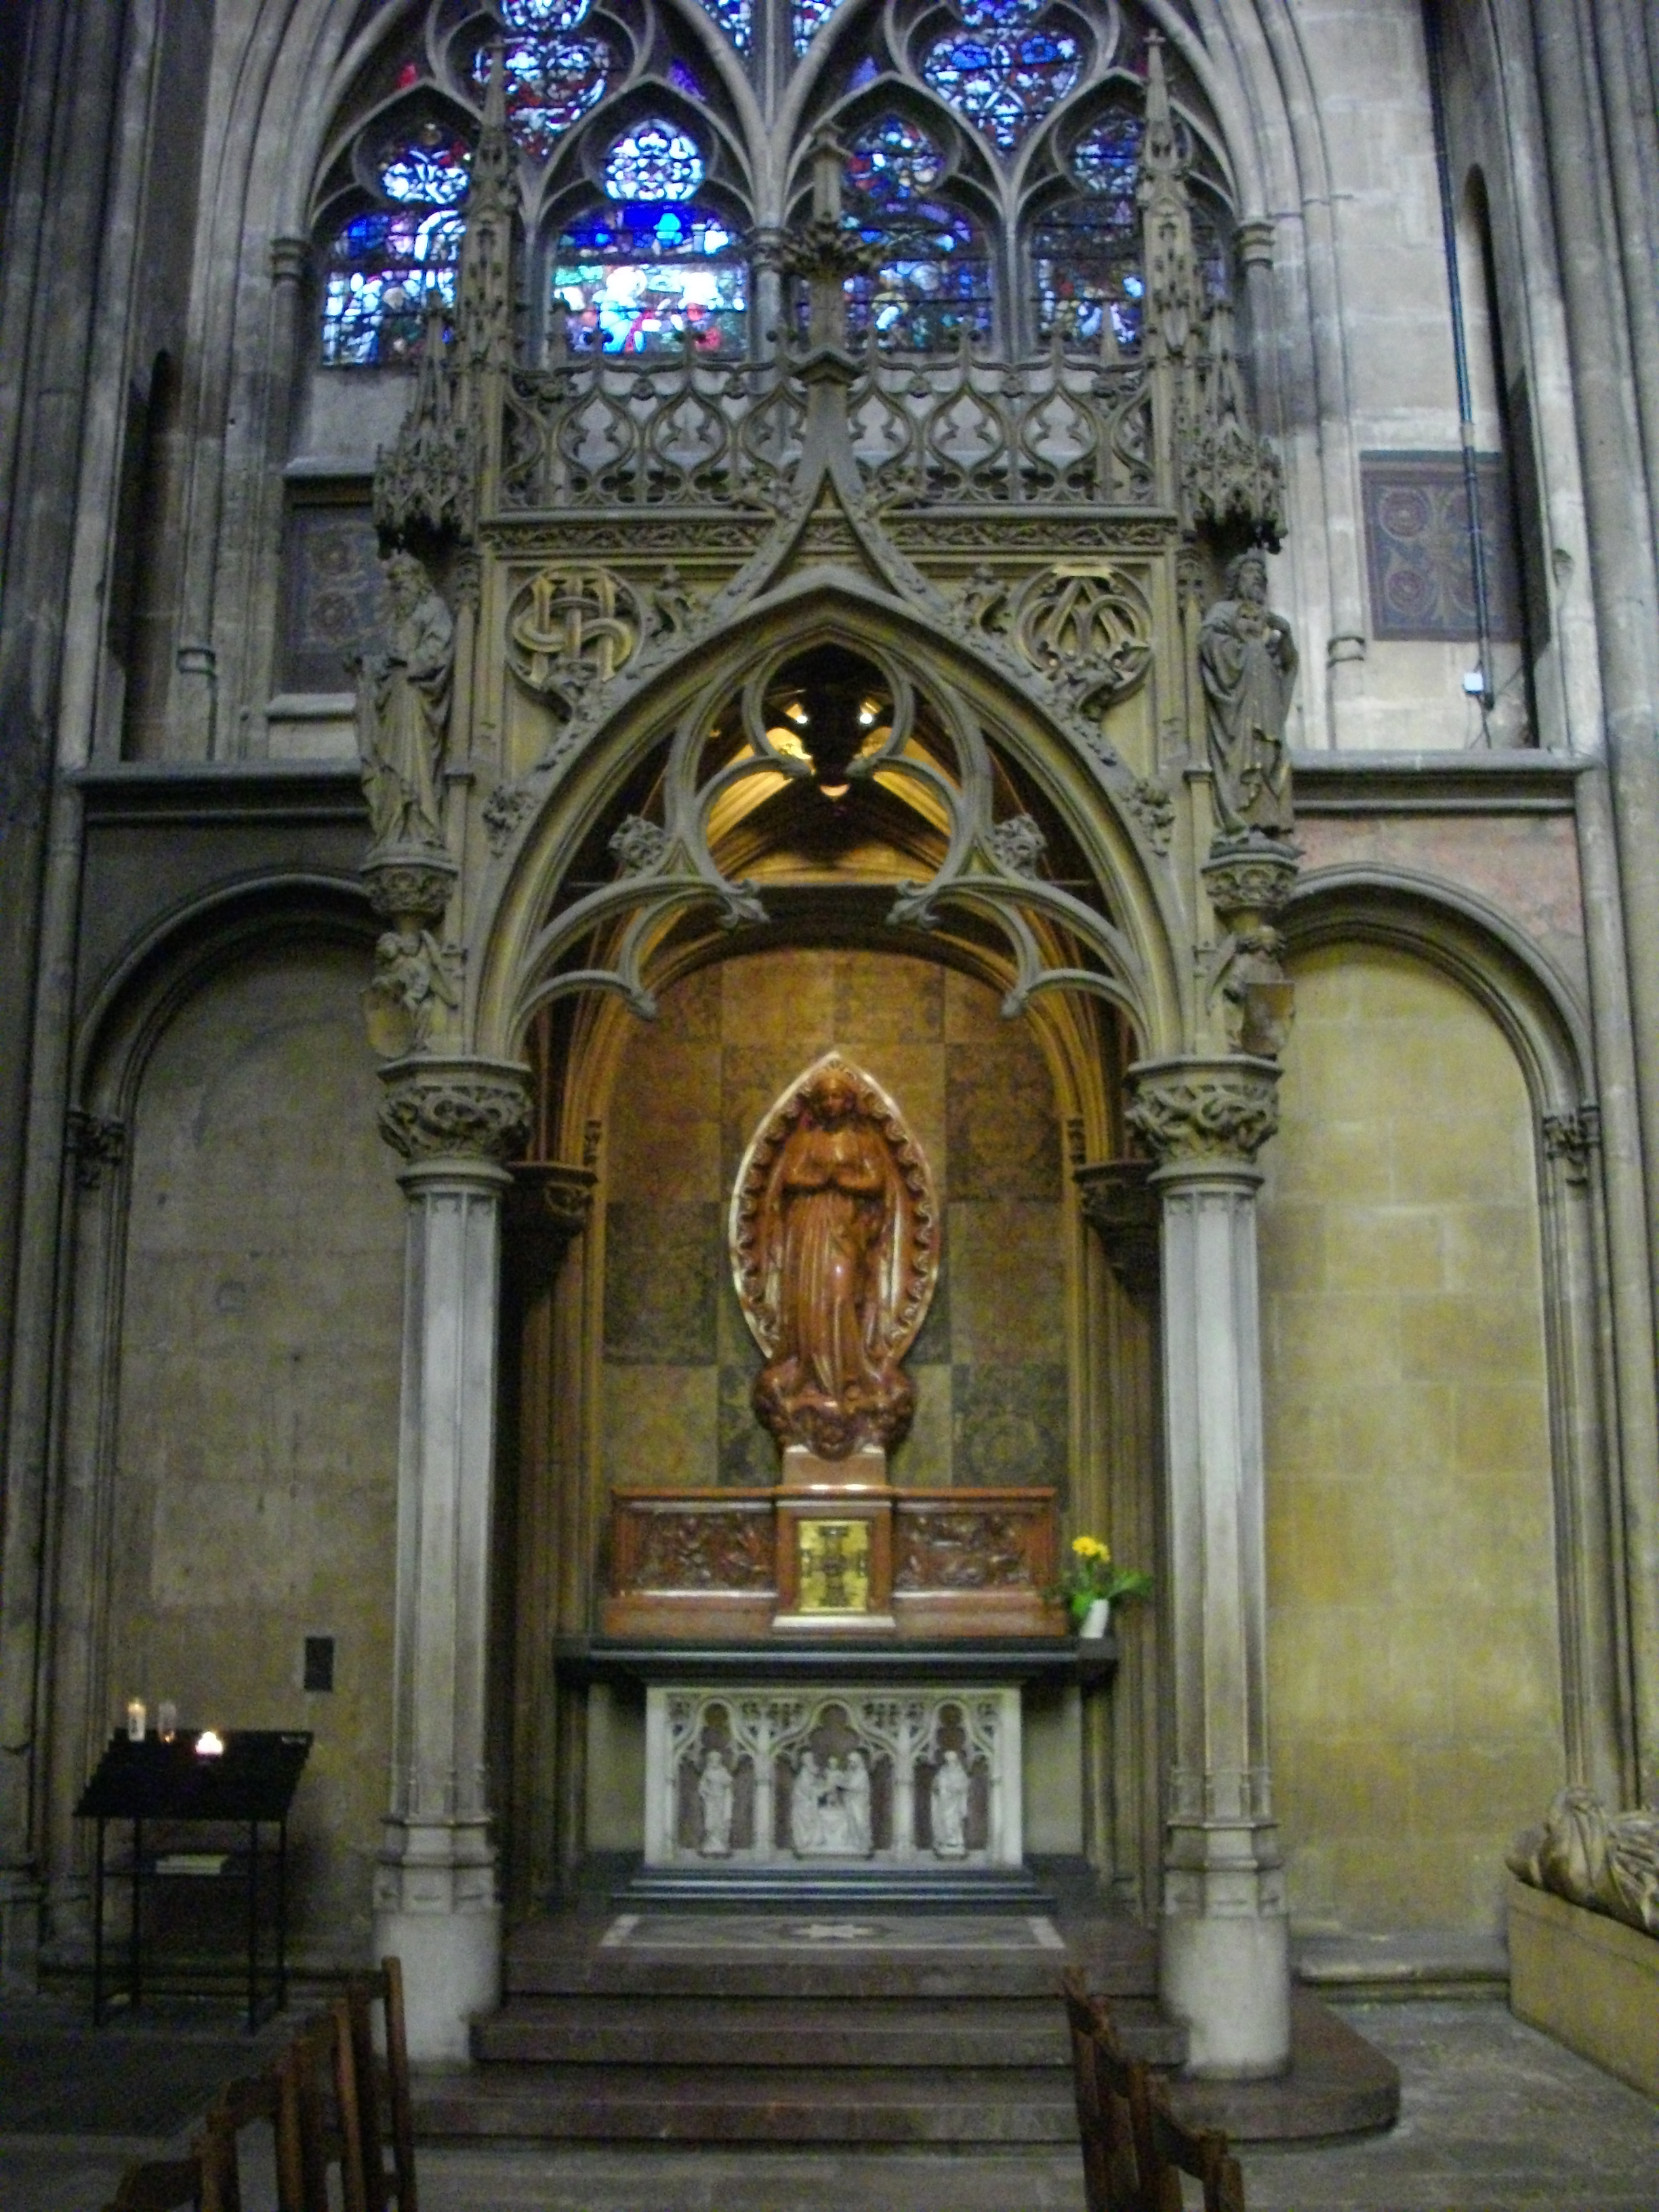 File:Cathédrale de Metz - intérieur (04).JPG - Wikimedia Commons